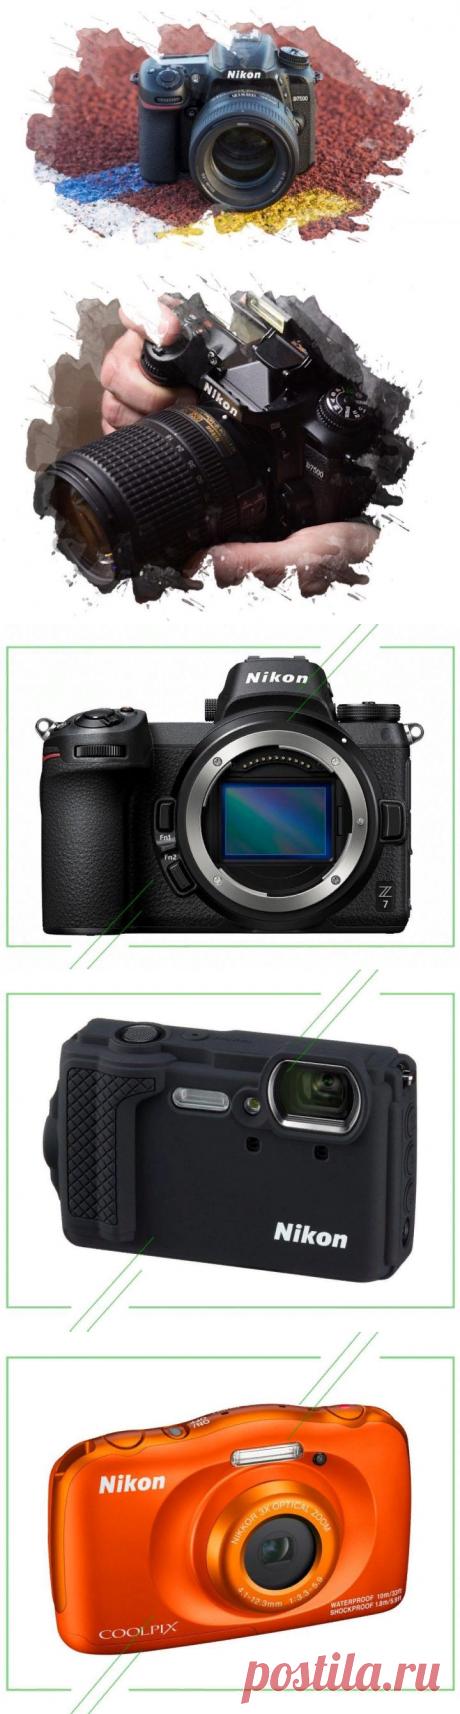 ТОП-7 лучших фотоаппаратов Nikon